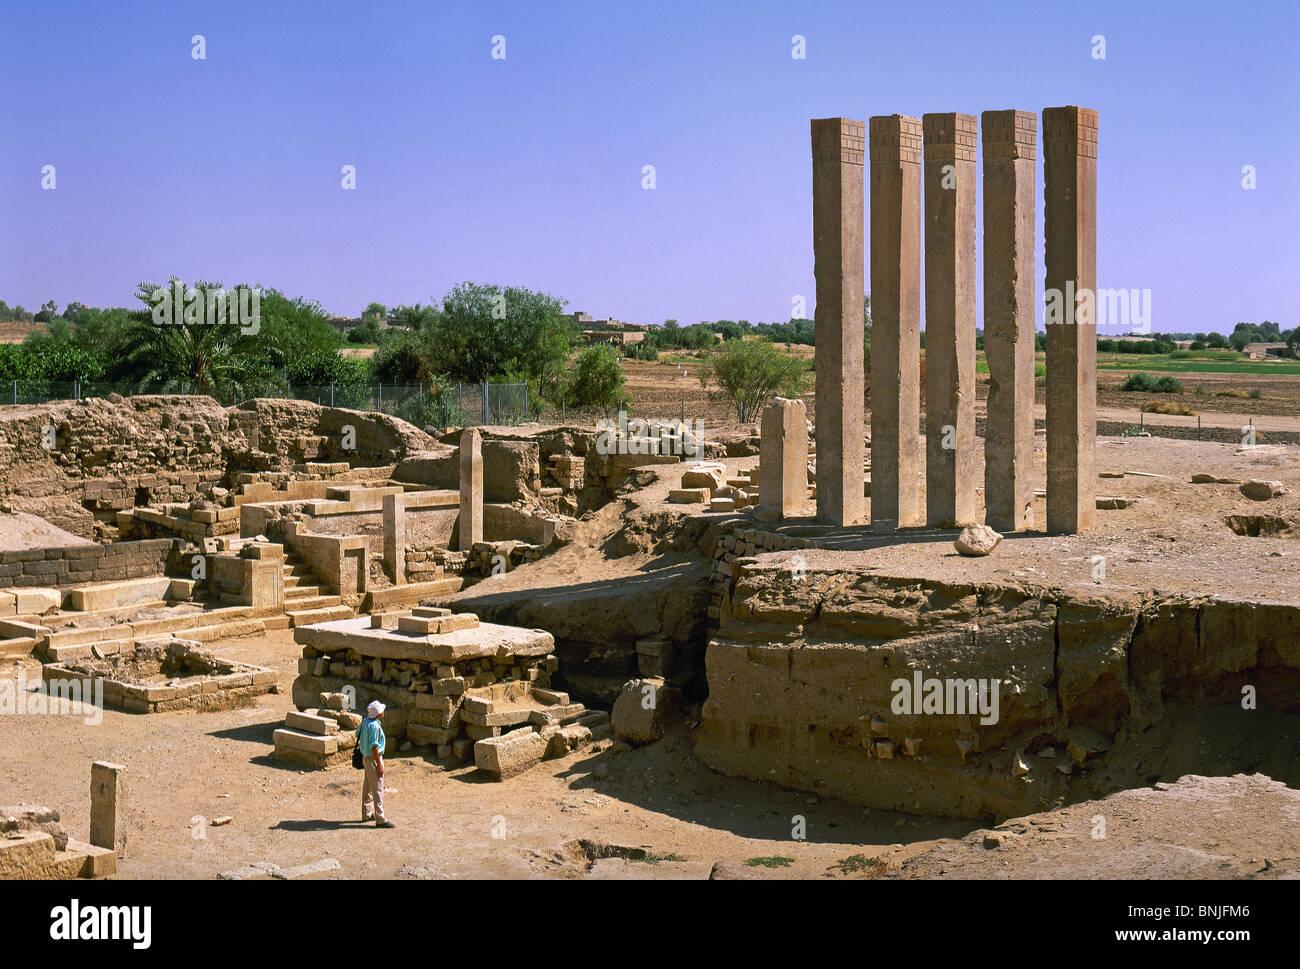 Yemen Febrero de 2005 Bar de la ciudad de Ma'rib'un templo antiguo ruinas la ruina histórica cultura Imagen De Stock